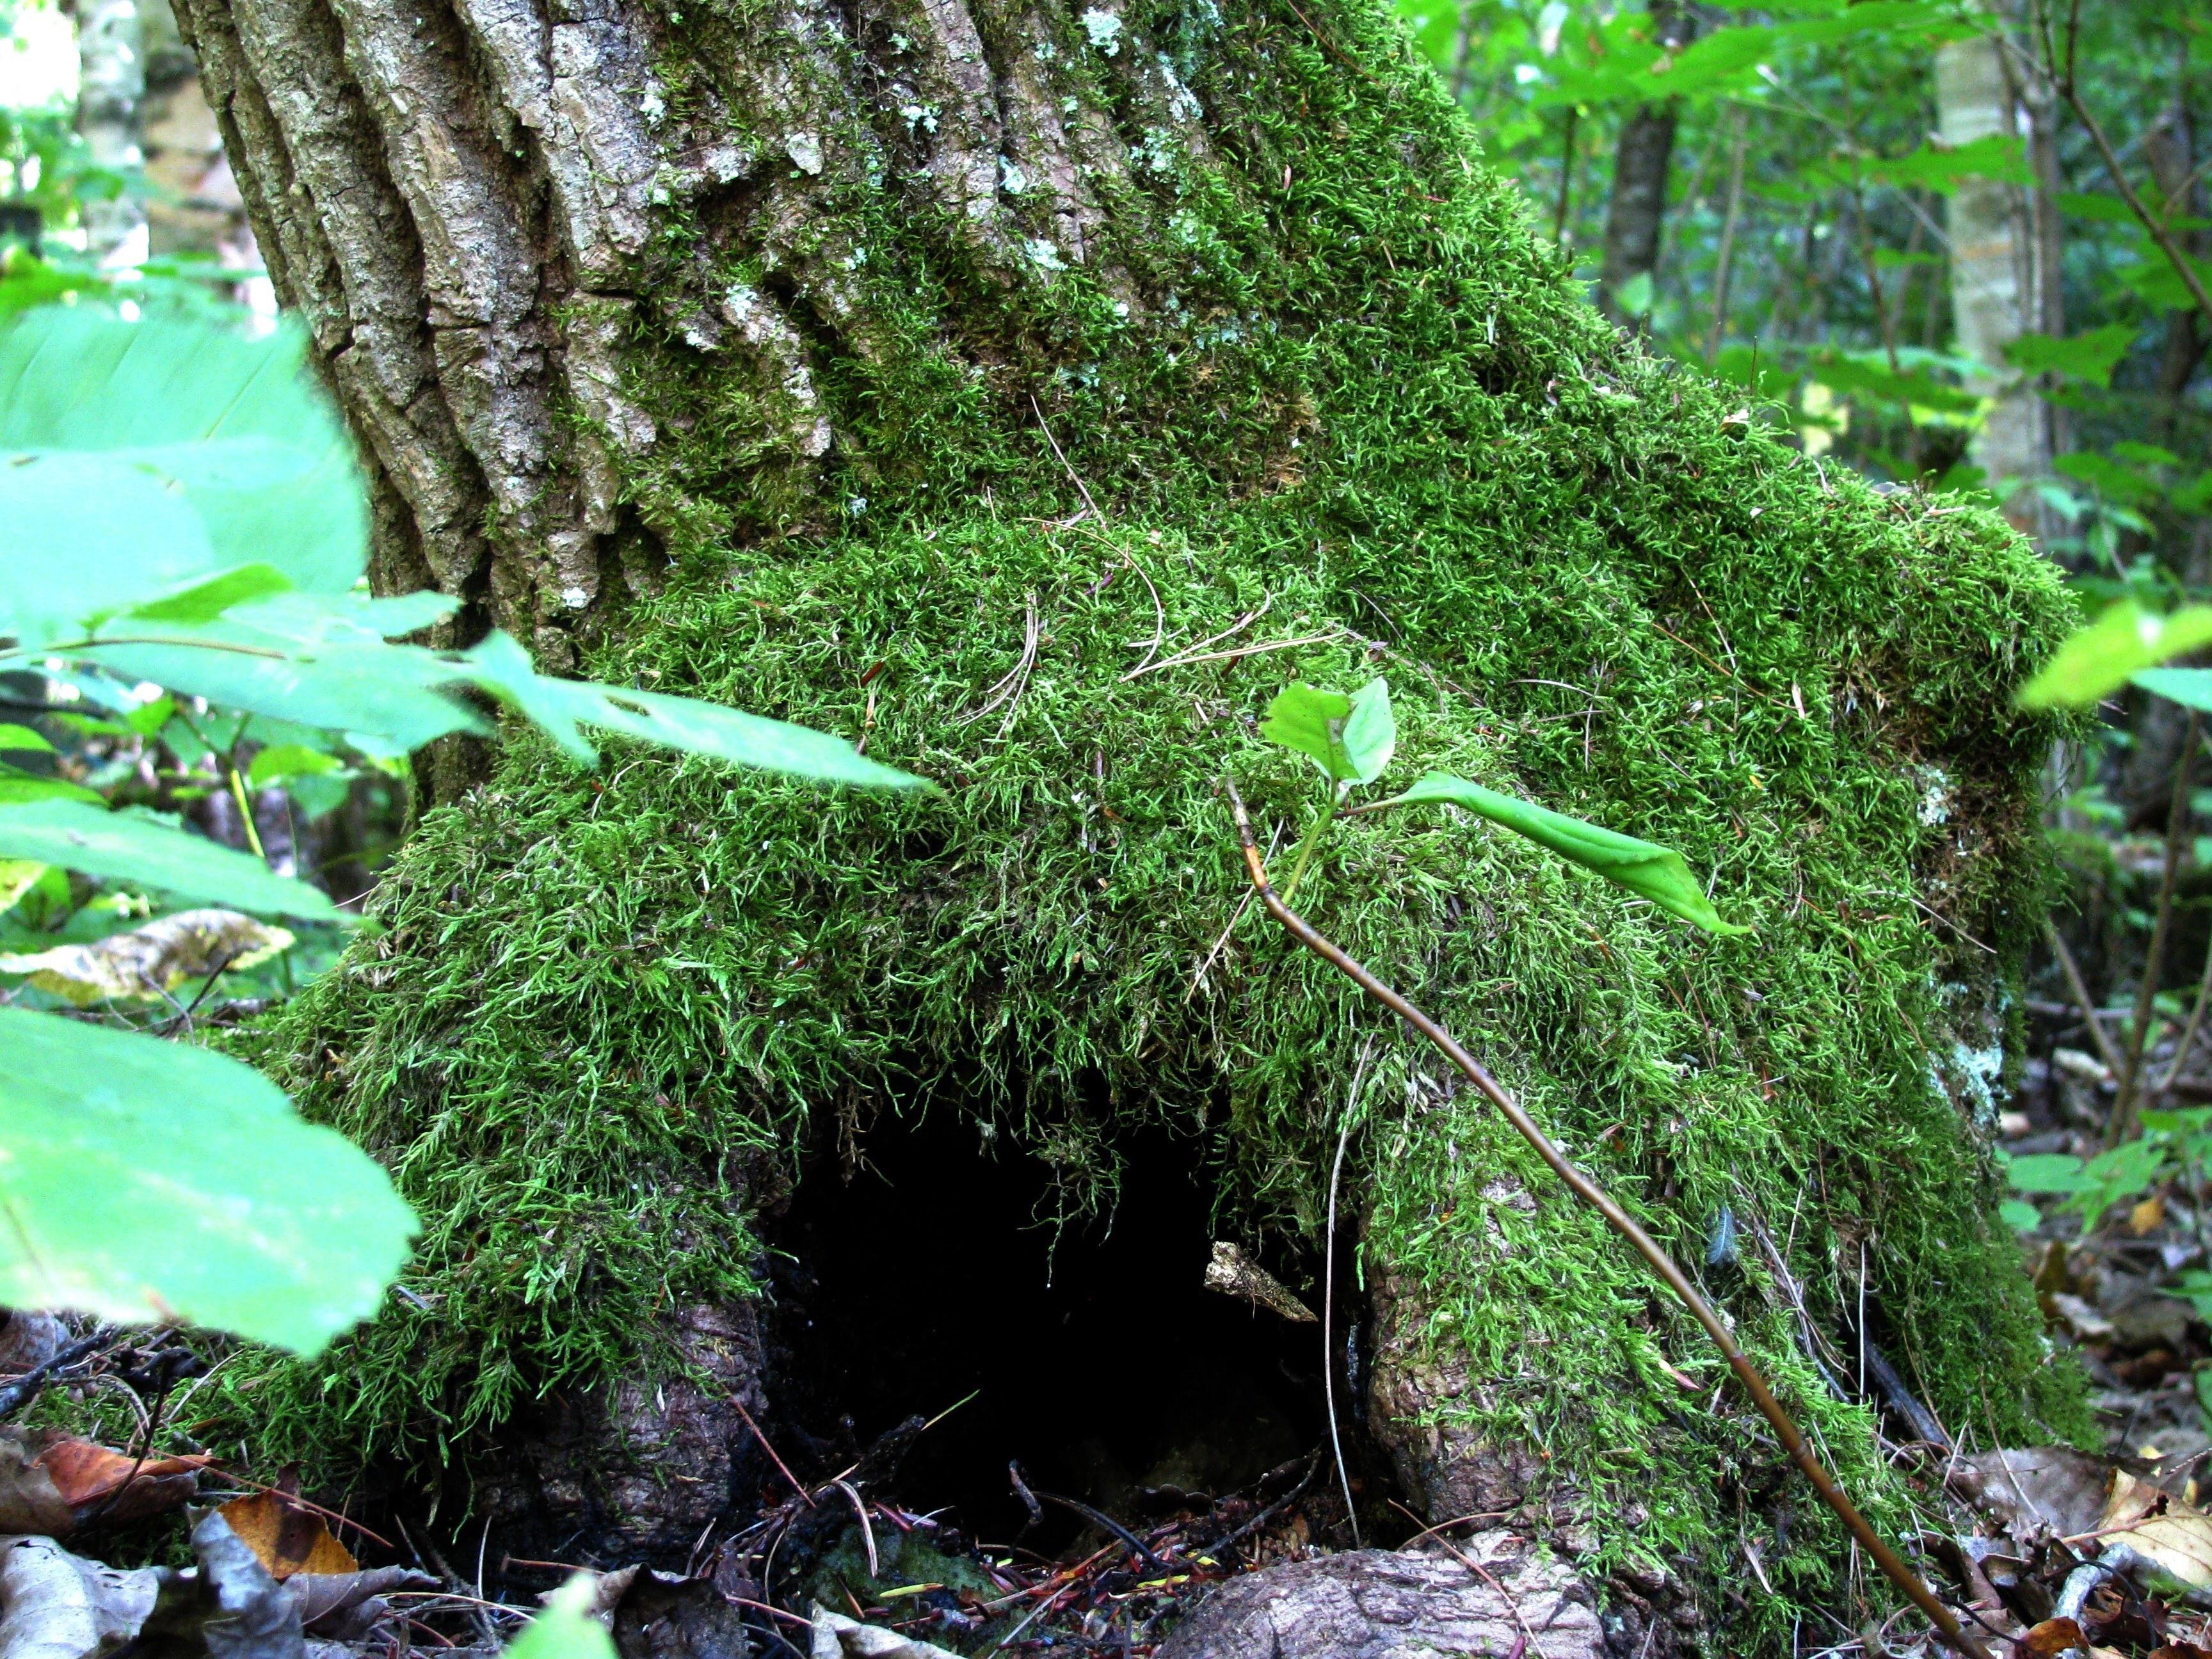 Baum Wald Ast Pflanze Blume Kofferraum Moos Grün Dschungel Botanik Flora Zimmerpflanze Fichte Strauch Regenwald Abscheulich